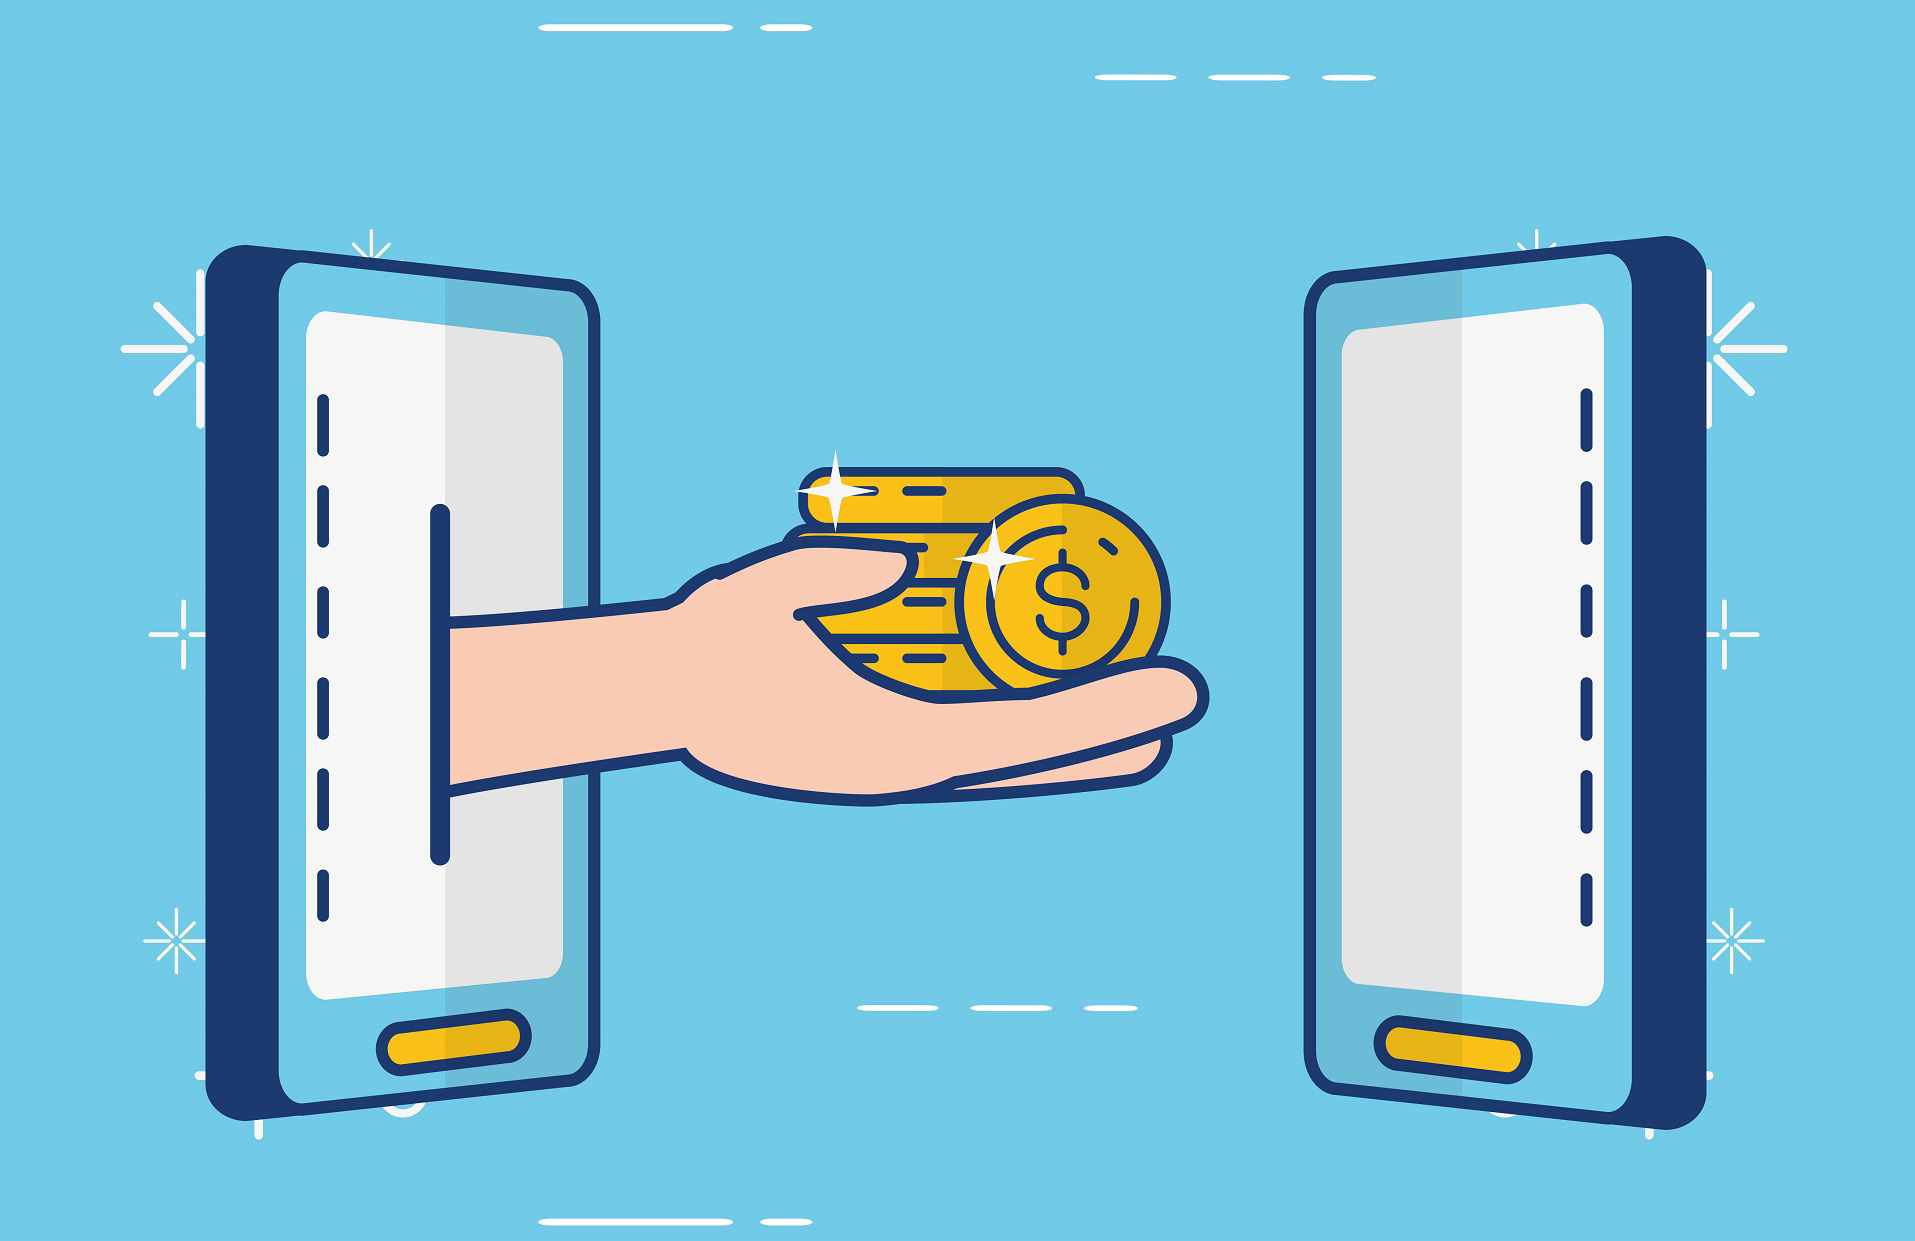 Chuyển khoản khác ngân hàng bao lâu thì nhận được?